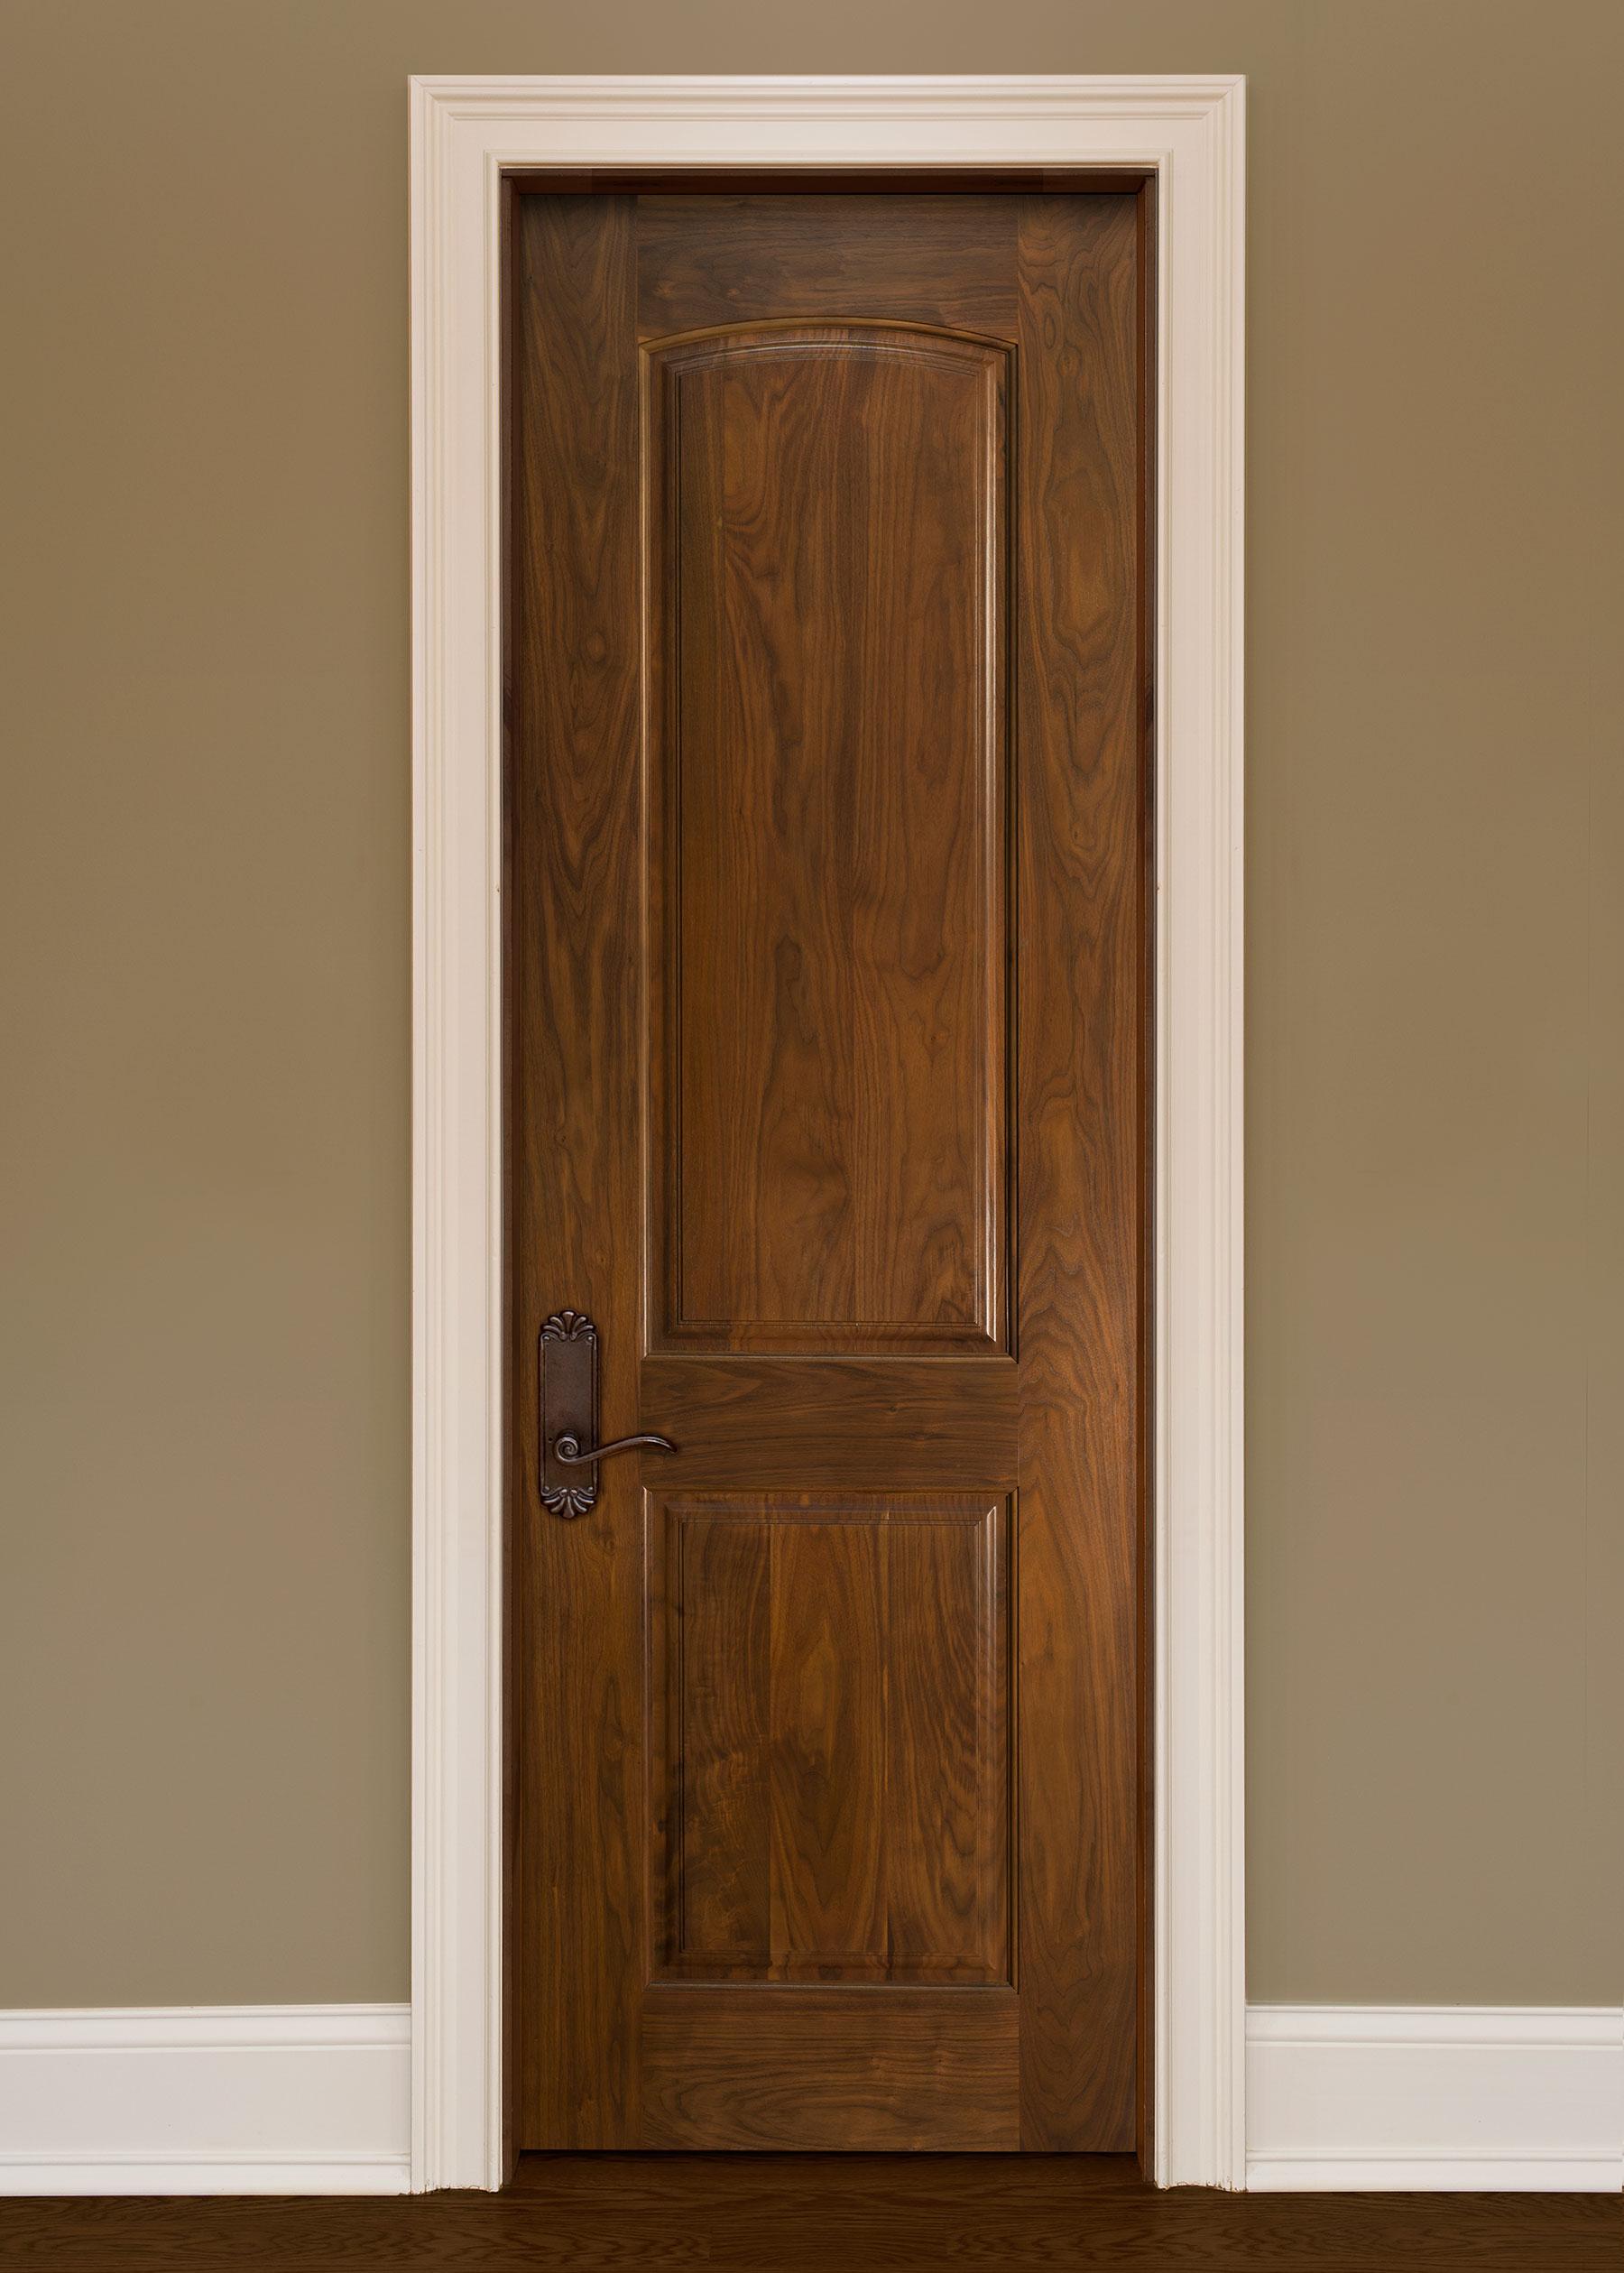 Custom Wood Interior Doors | Custom Interior 2 Panel Solid Wood Door DBI-701B - Glenview Doors - Custom Doors in Chicago